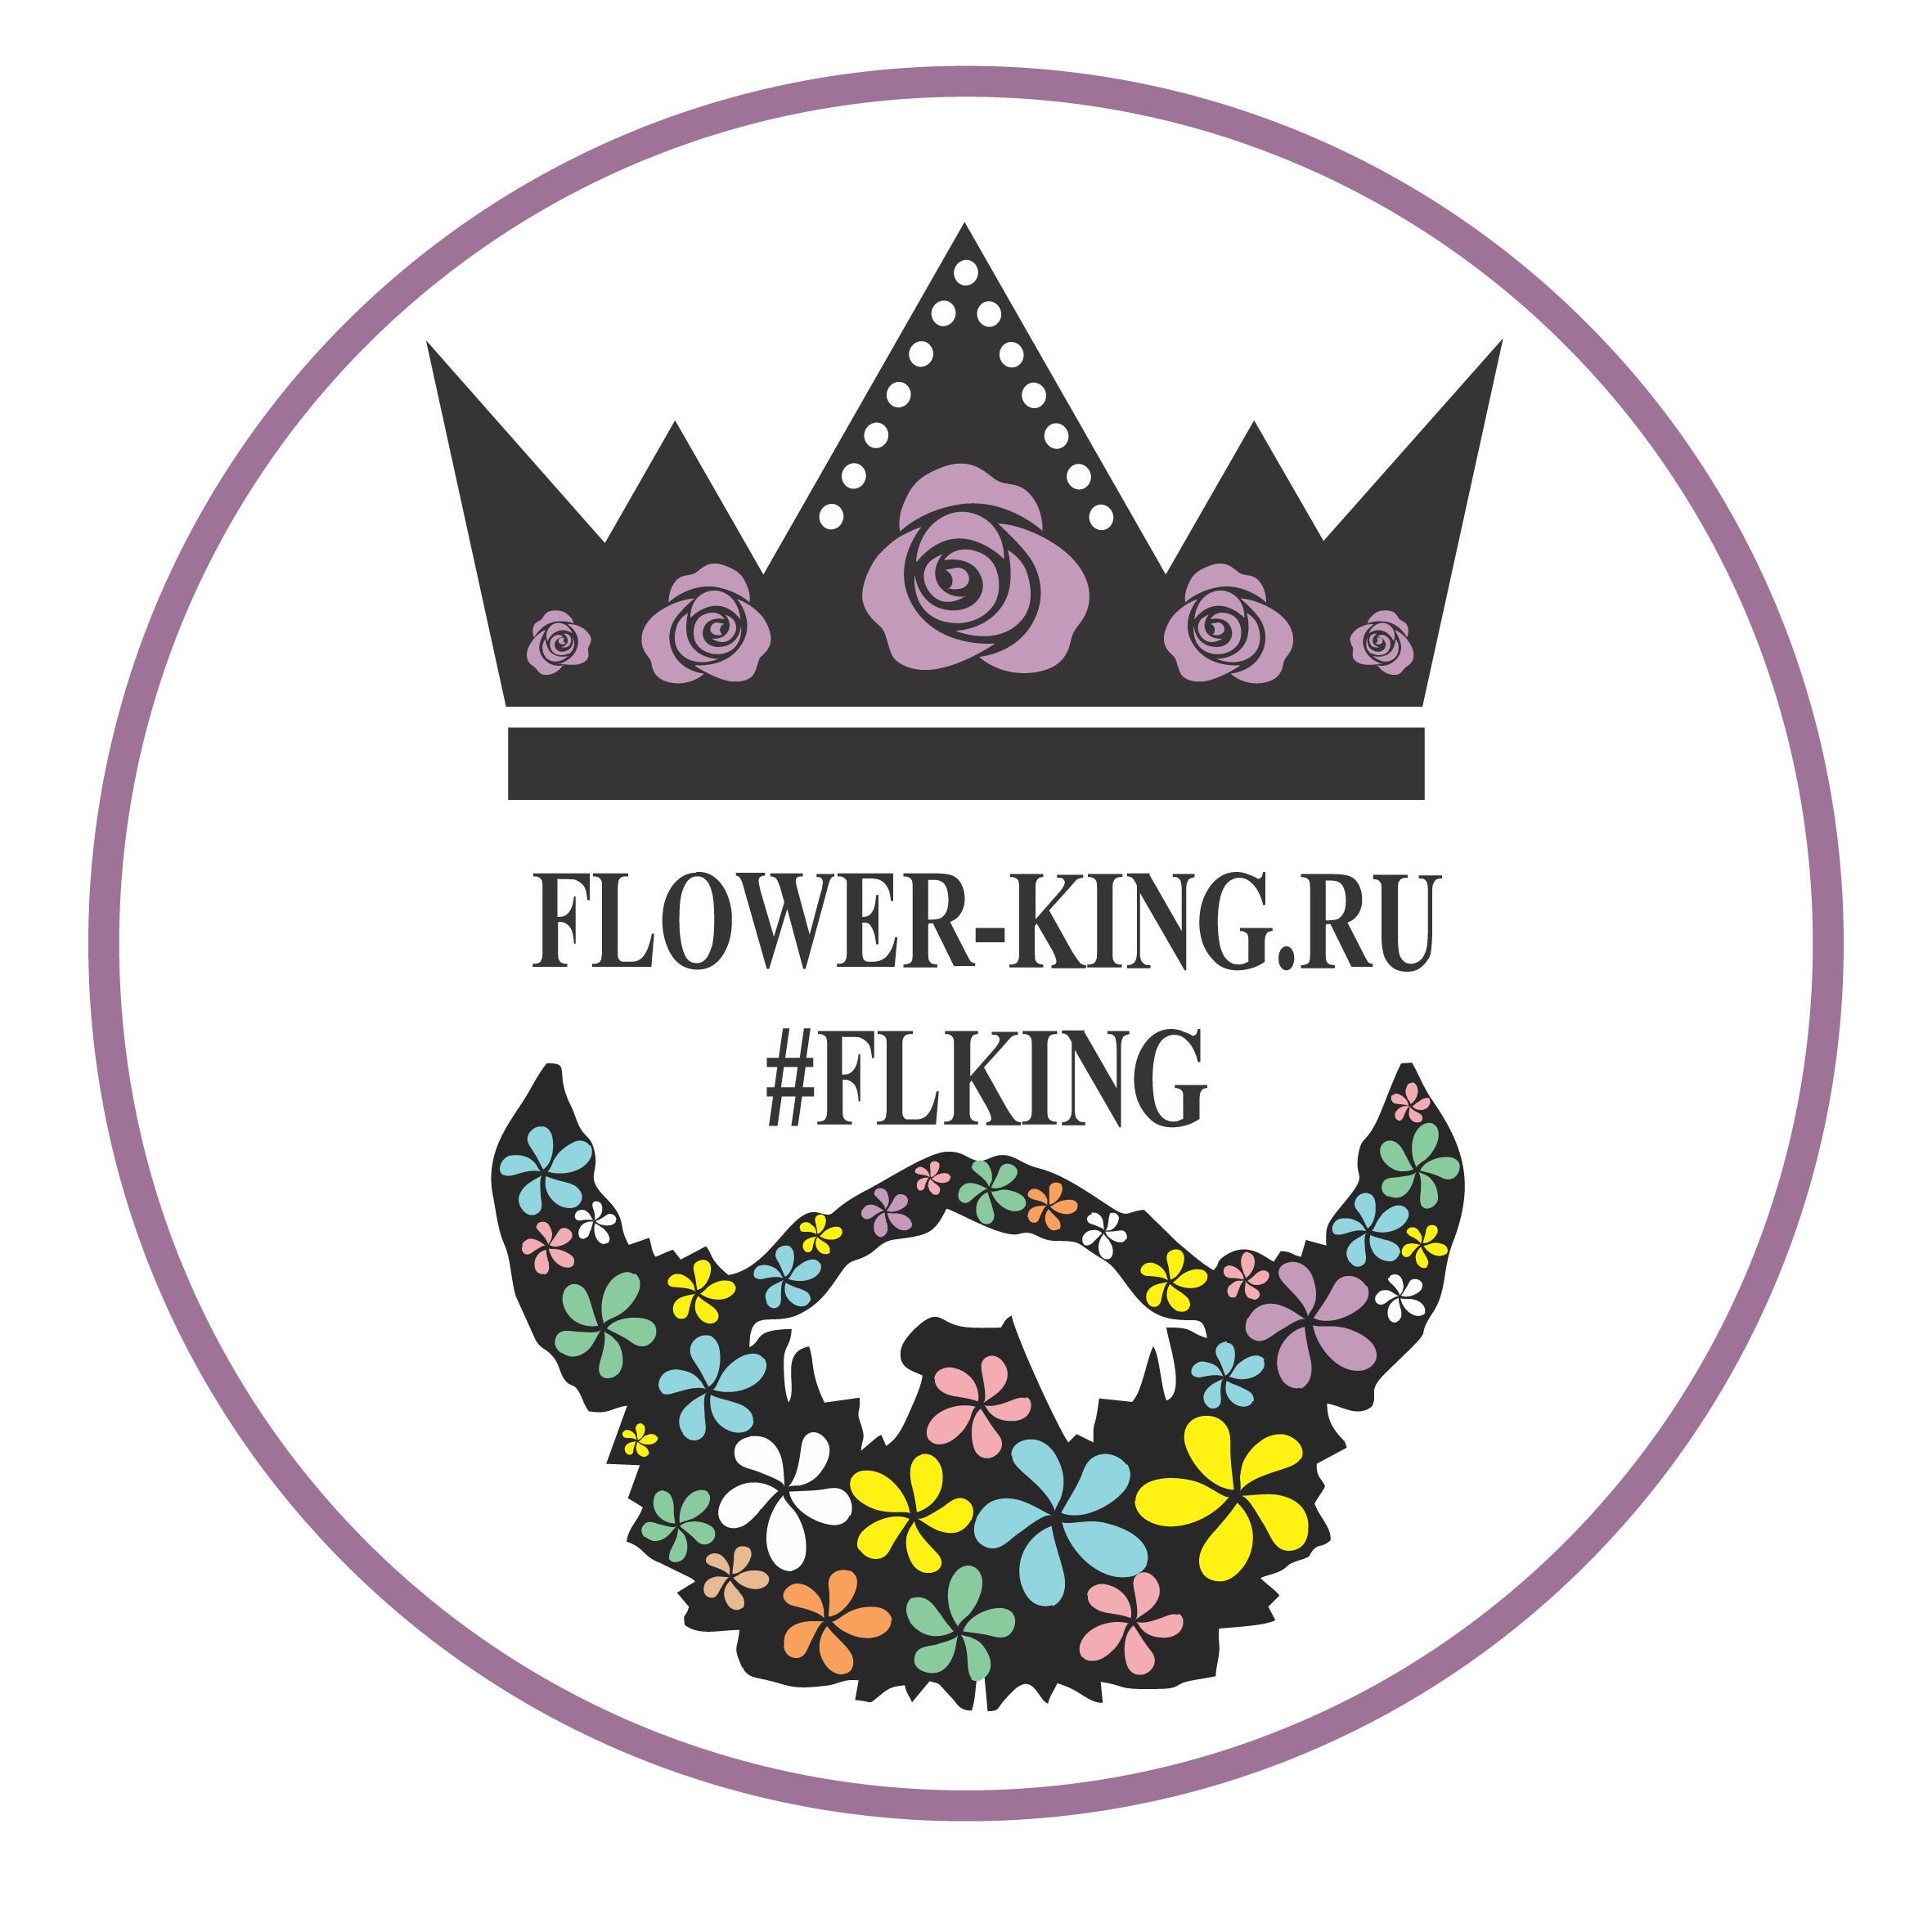 Flower-king.ru